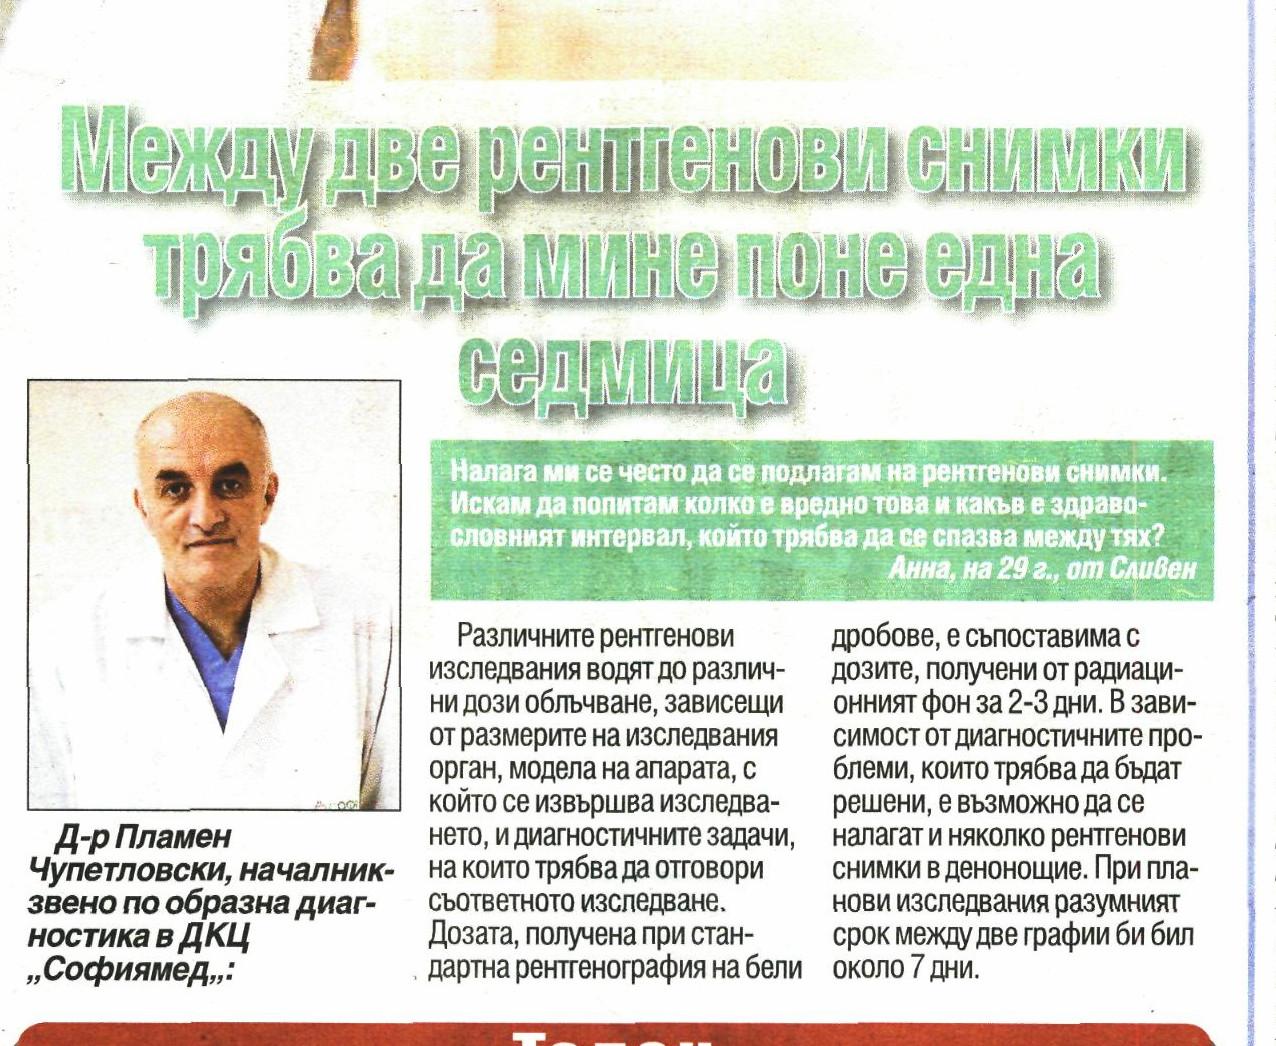 Над 600 медици станали жертви на пациенти